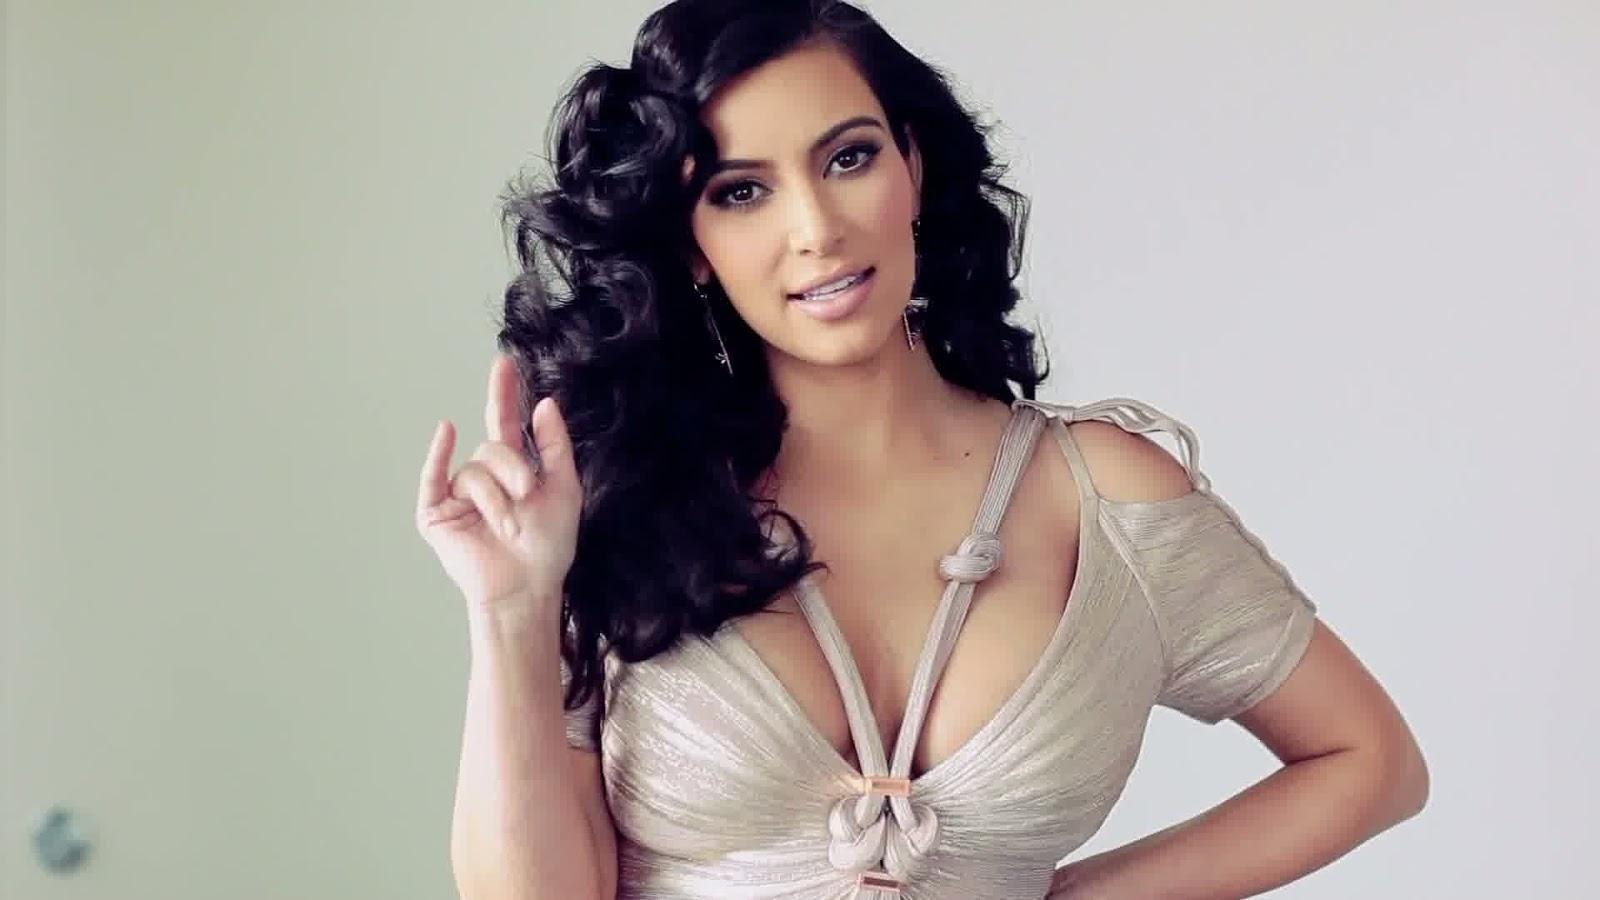 Celebrity Kim Kardashian Hot Hd Wallpapers Lifestyles 717